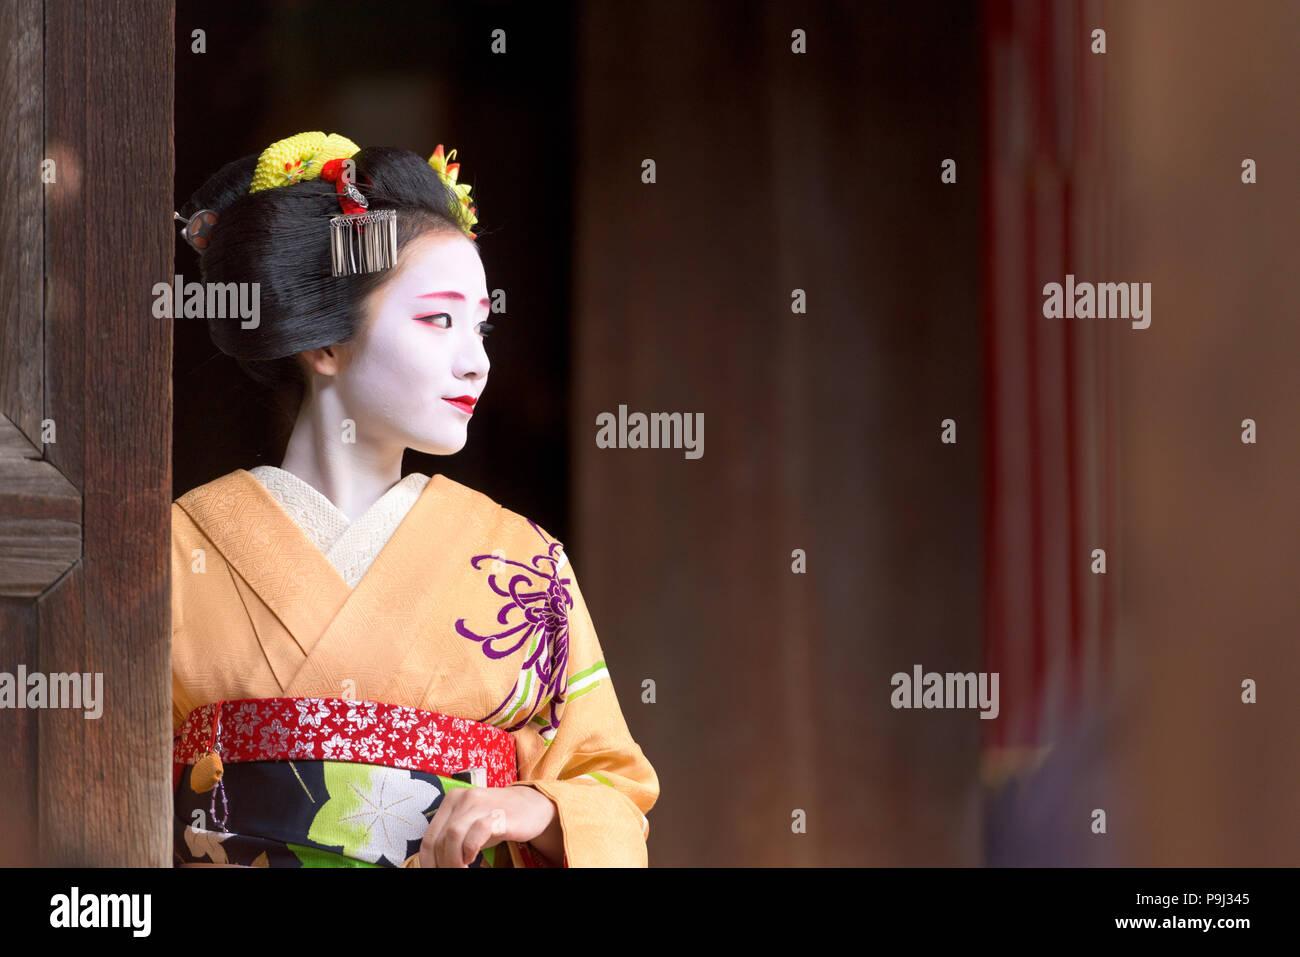 KYOTO, Giappone - 28 novembre 2015: una donna nel tradizionale abito Maiko si affaccia da un tempio porta. Immagini Stock